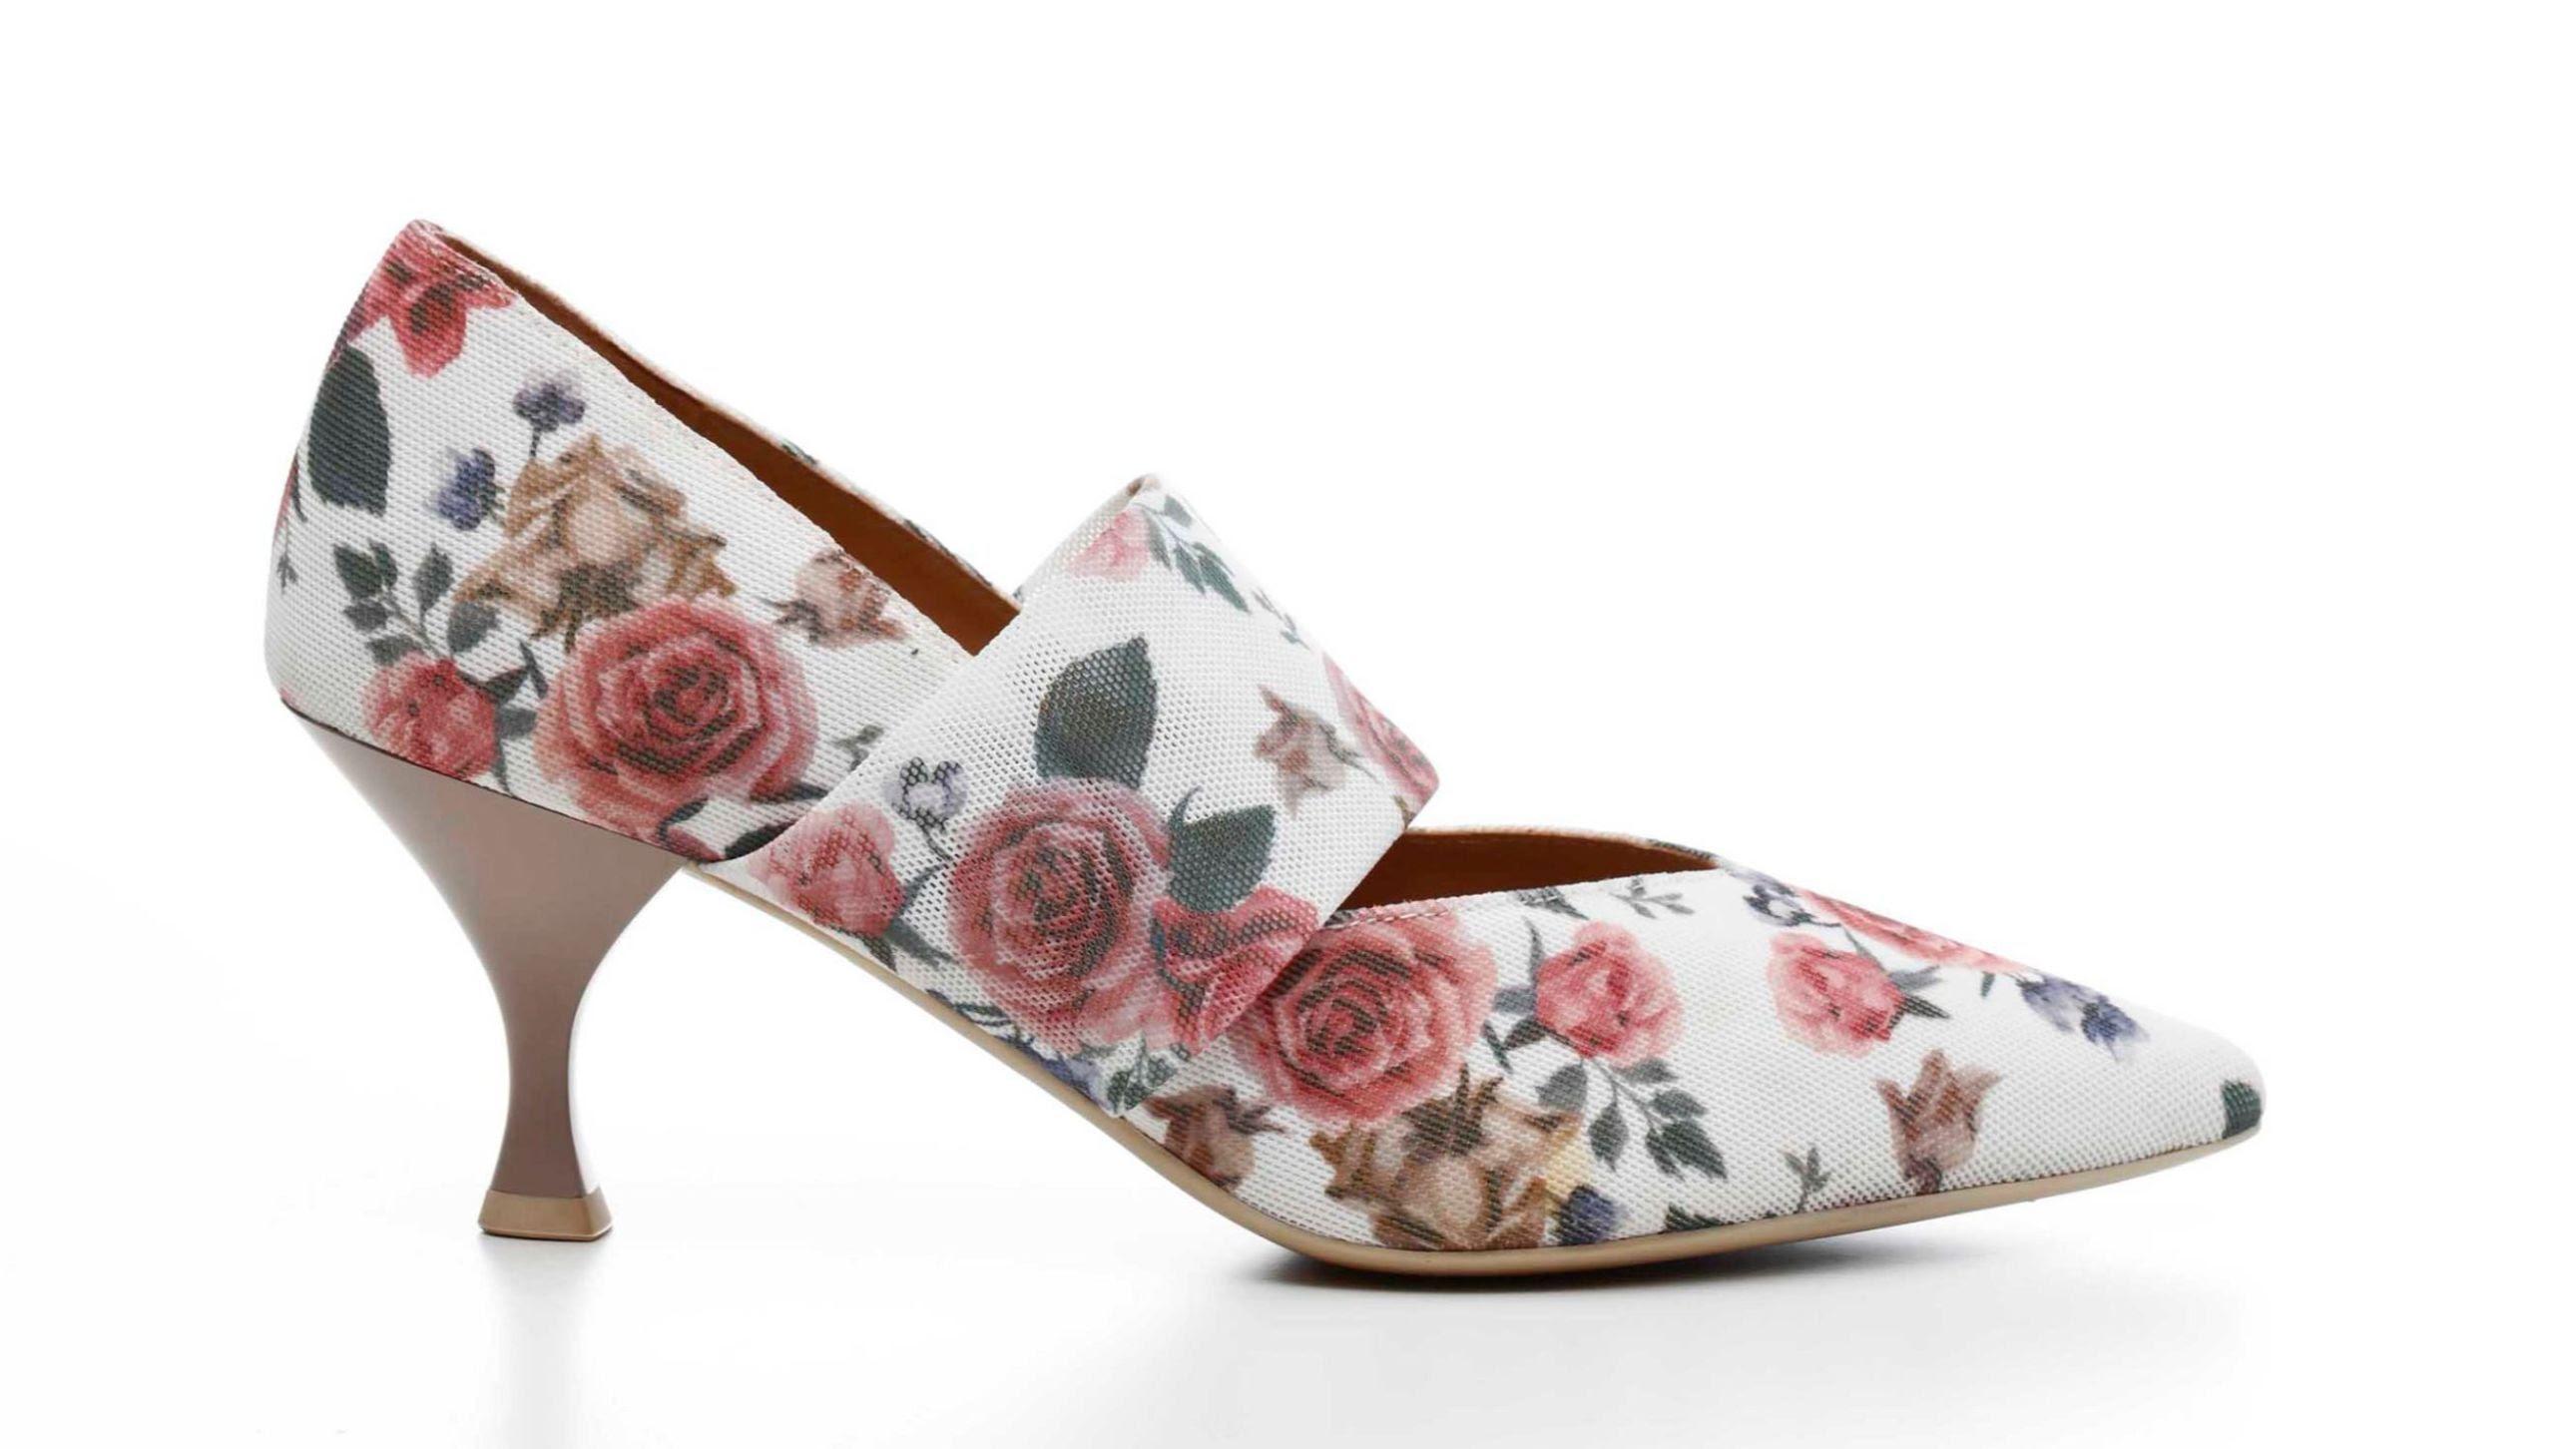 268c300e c851 4c9b b463 1581f5a1408b - GEOX presenta su colección Otoño/Invierno 2020 de calzado y prendas exteriores para mujer